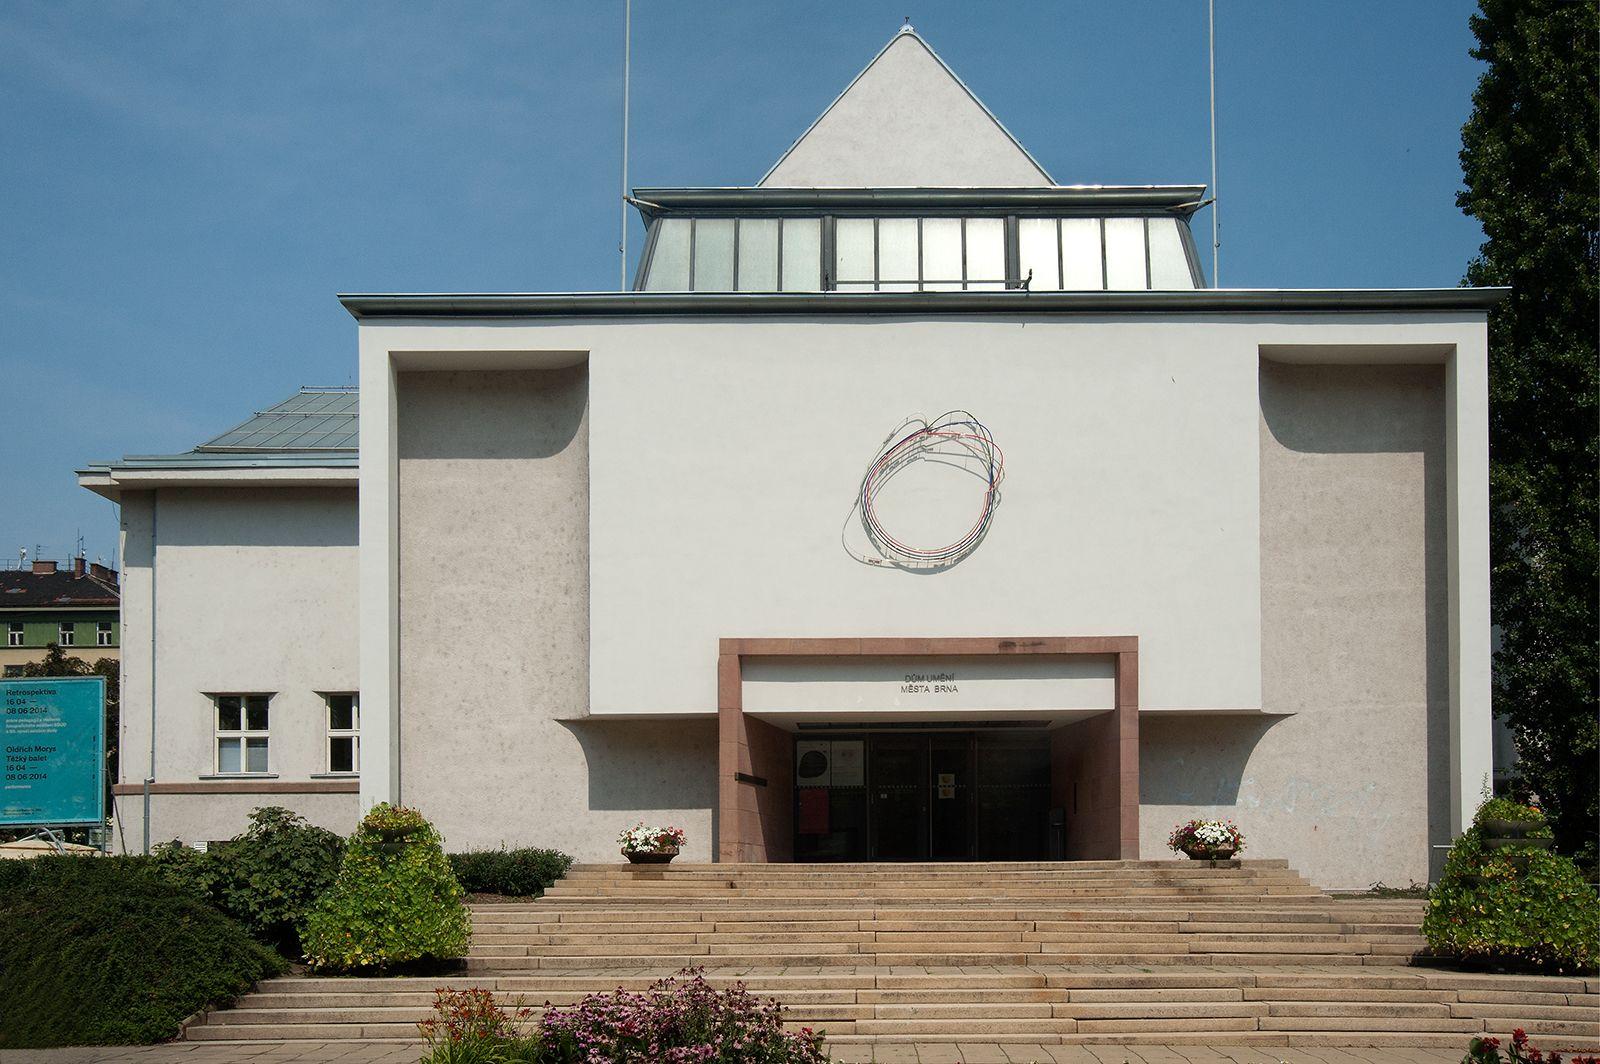 The Brno House of Arts (Dům umění města Brna) in Brno